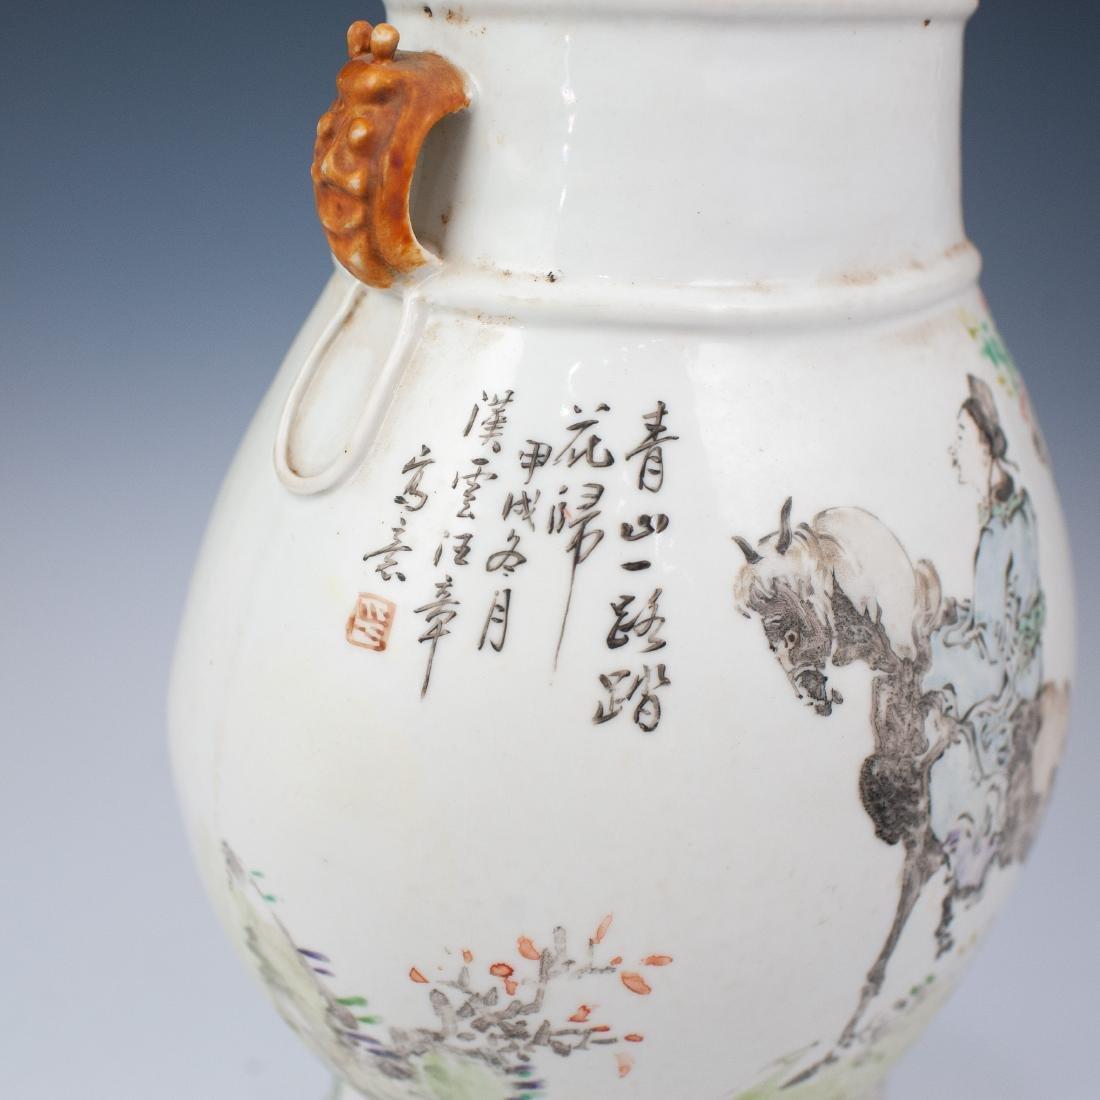 Chinese Republic Qian Jiang Vase - 3